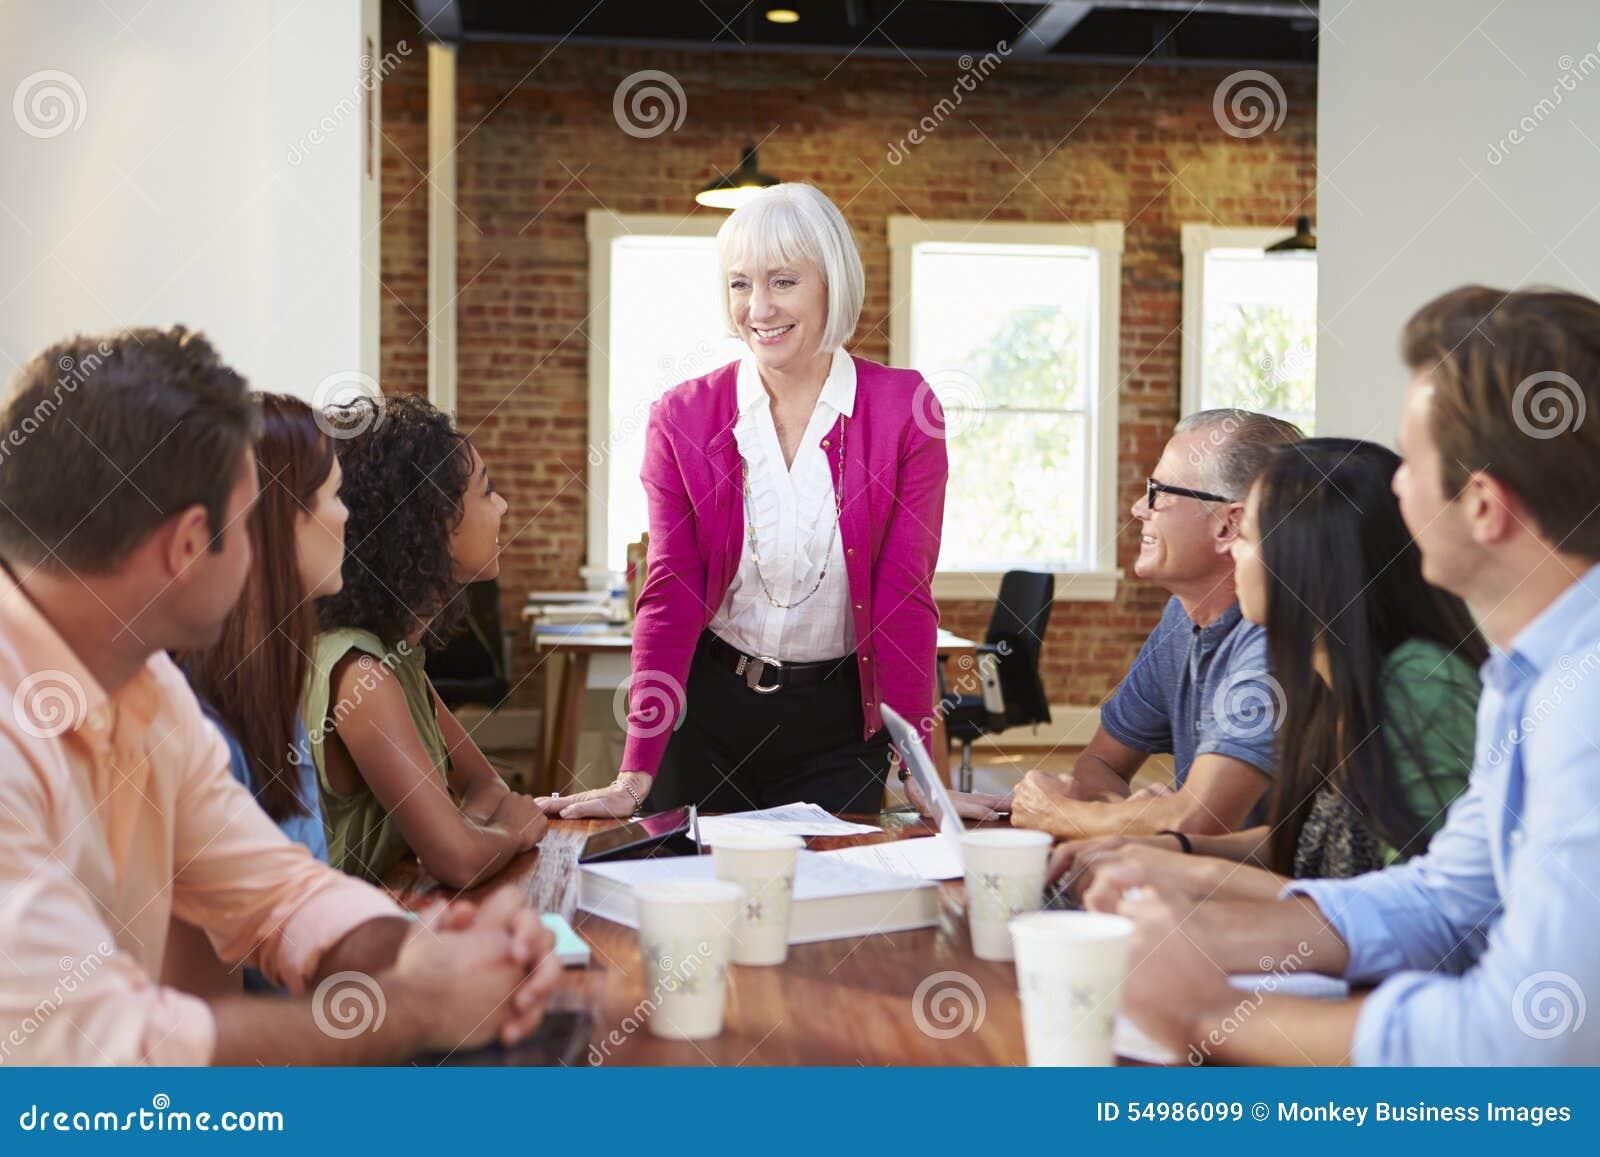 Hoger Vrouwelijk Chef- Addressing Office Workers op Vergadering